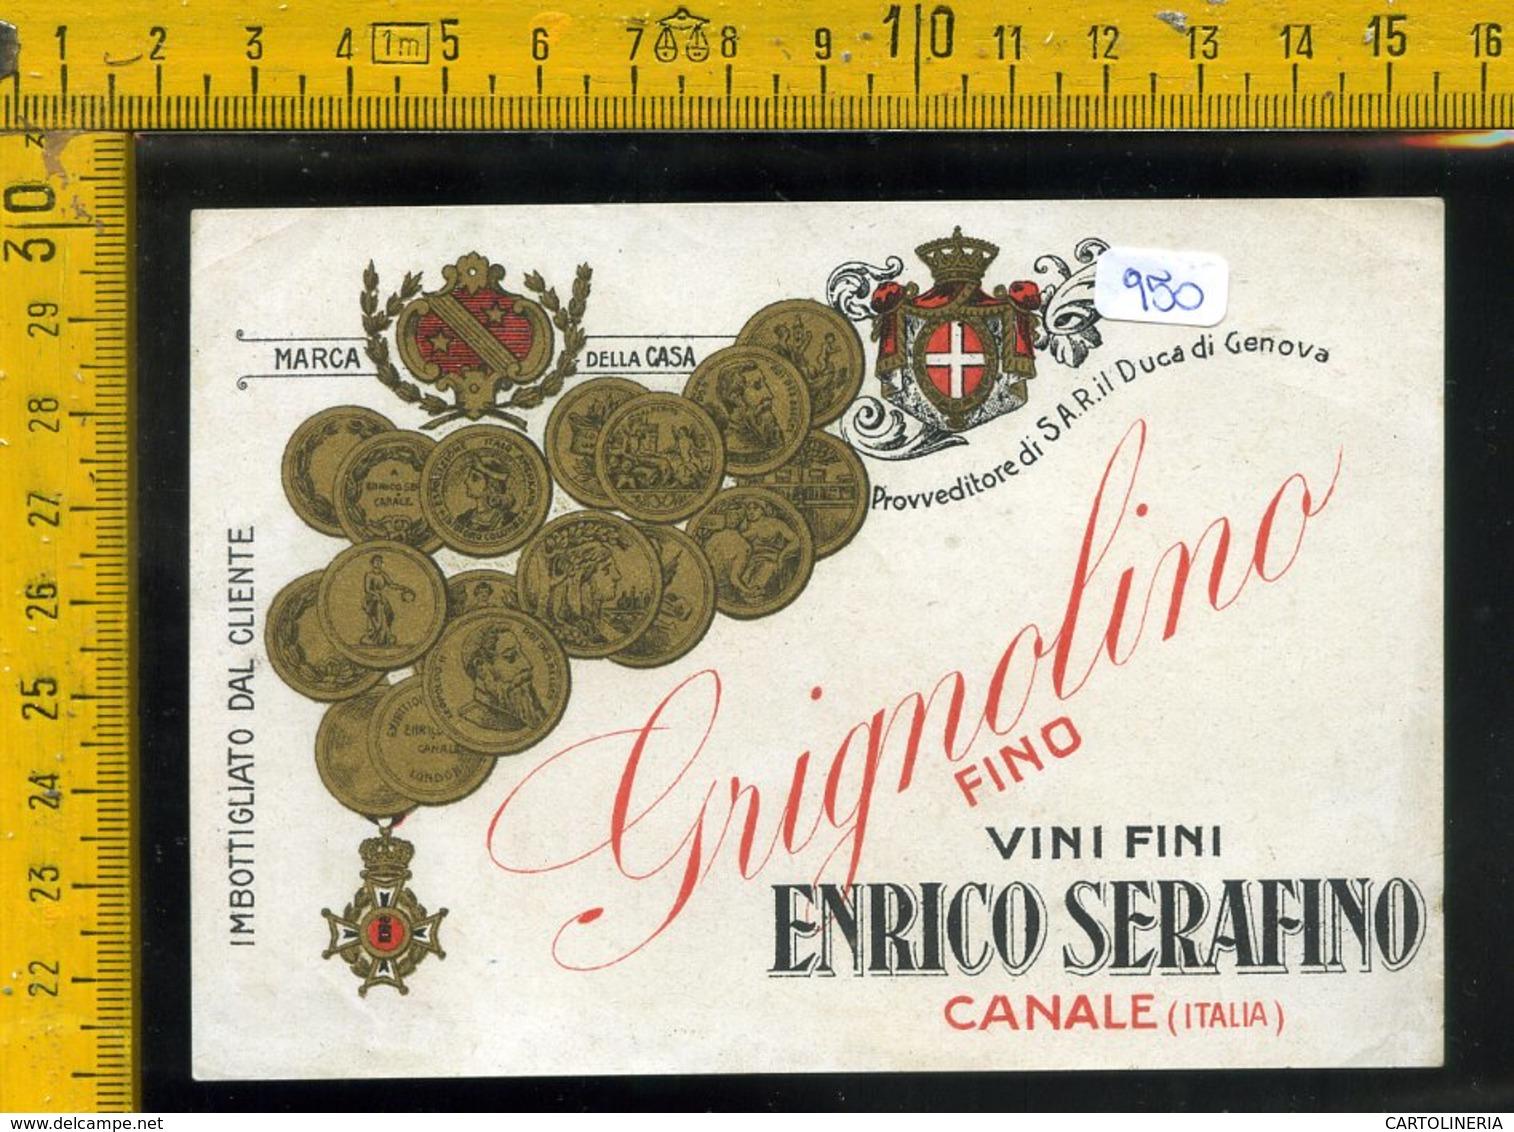 Etichetta Vino Liquore Grignolino Serafino Canale - Etichette